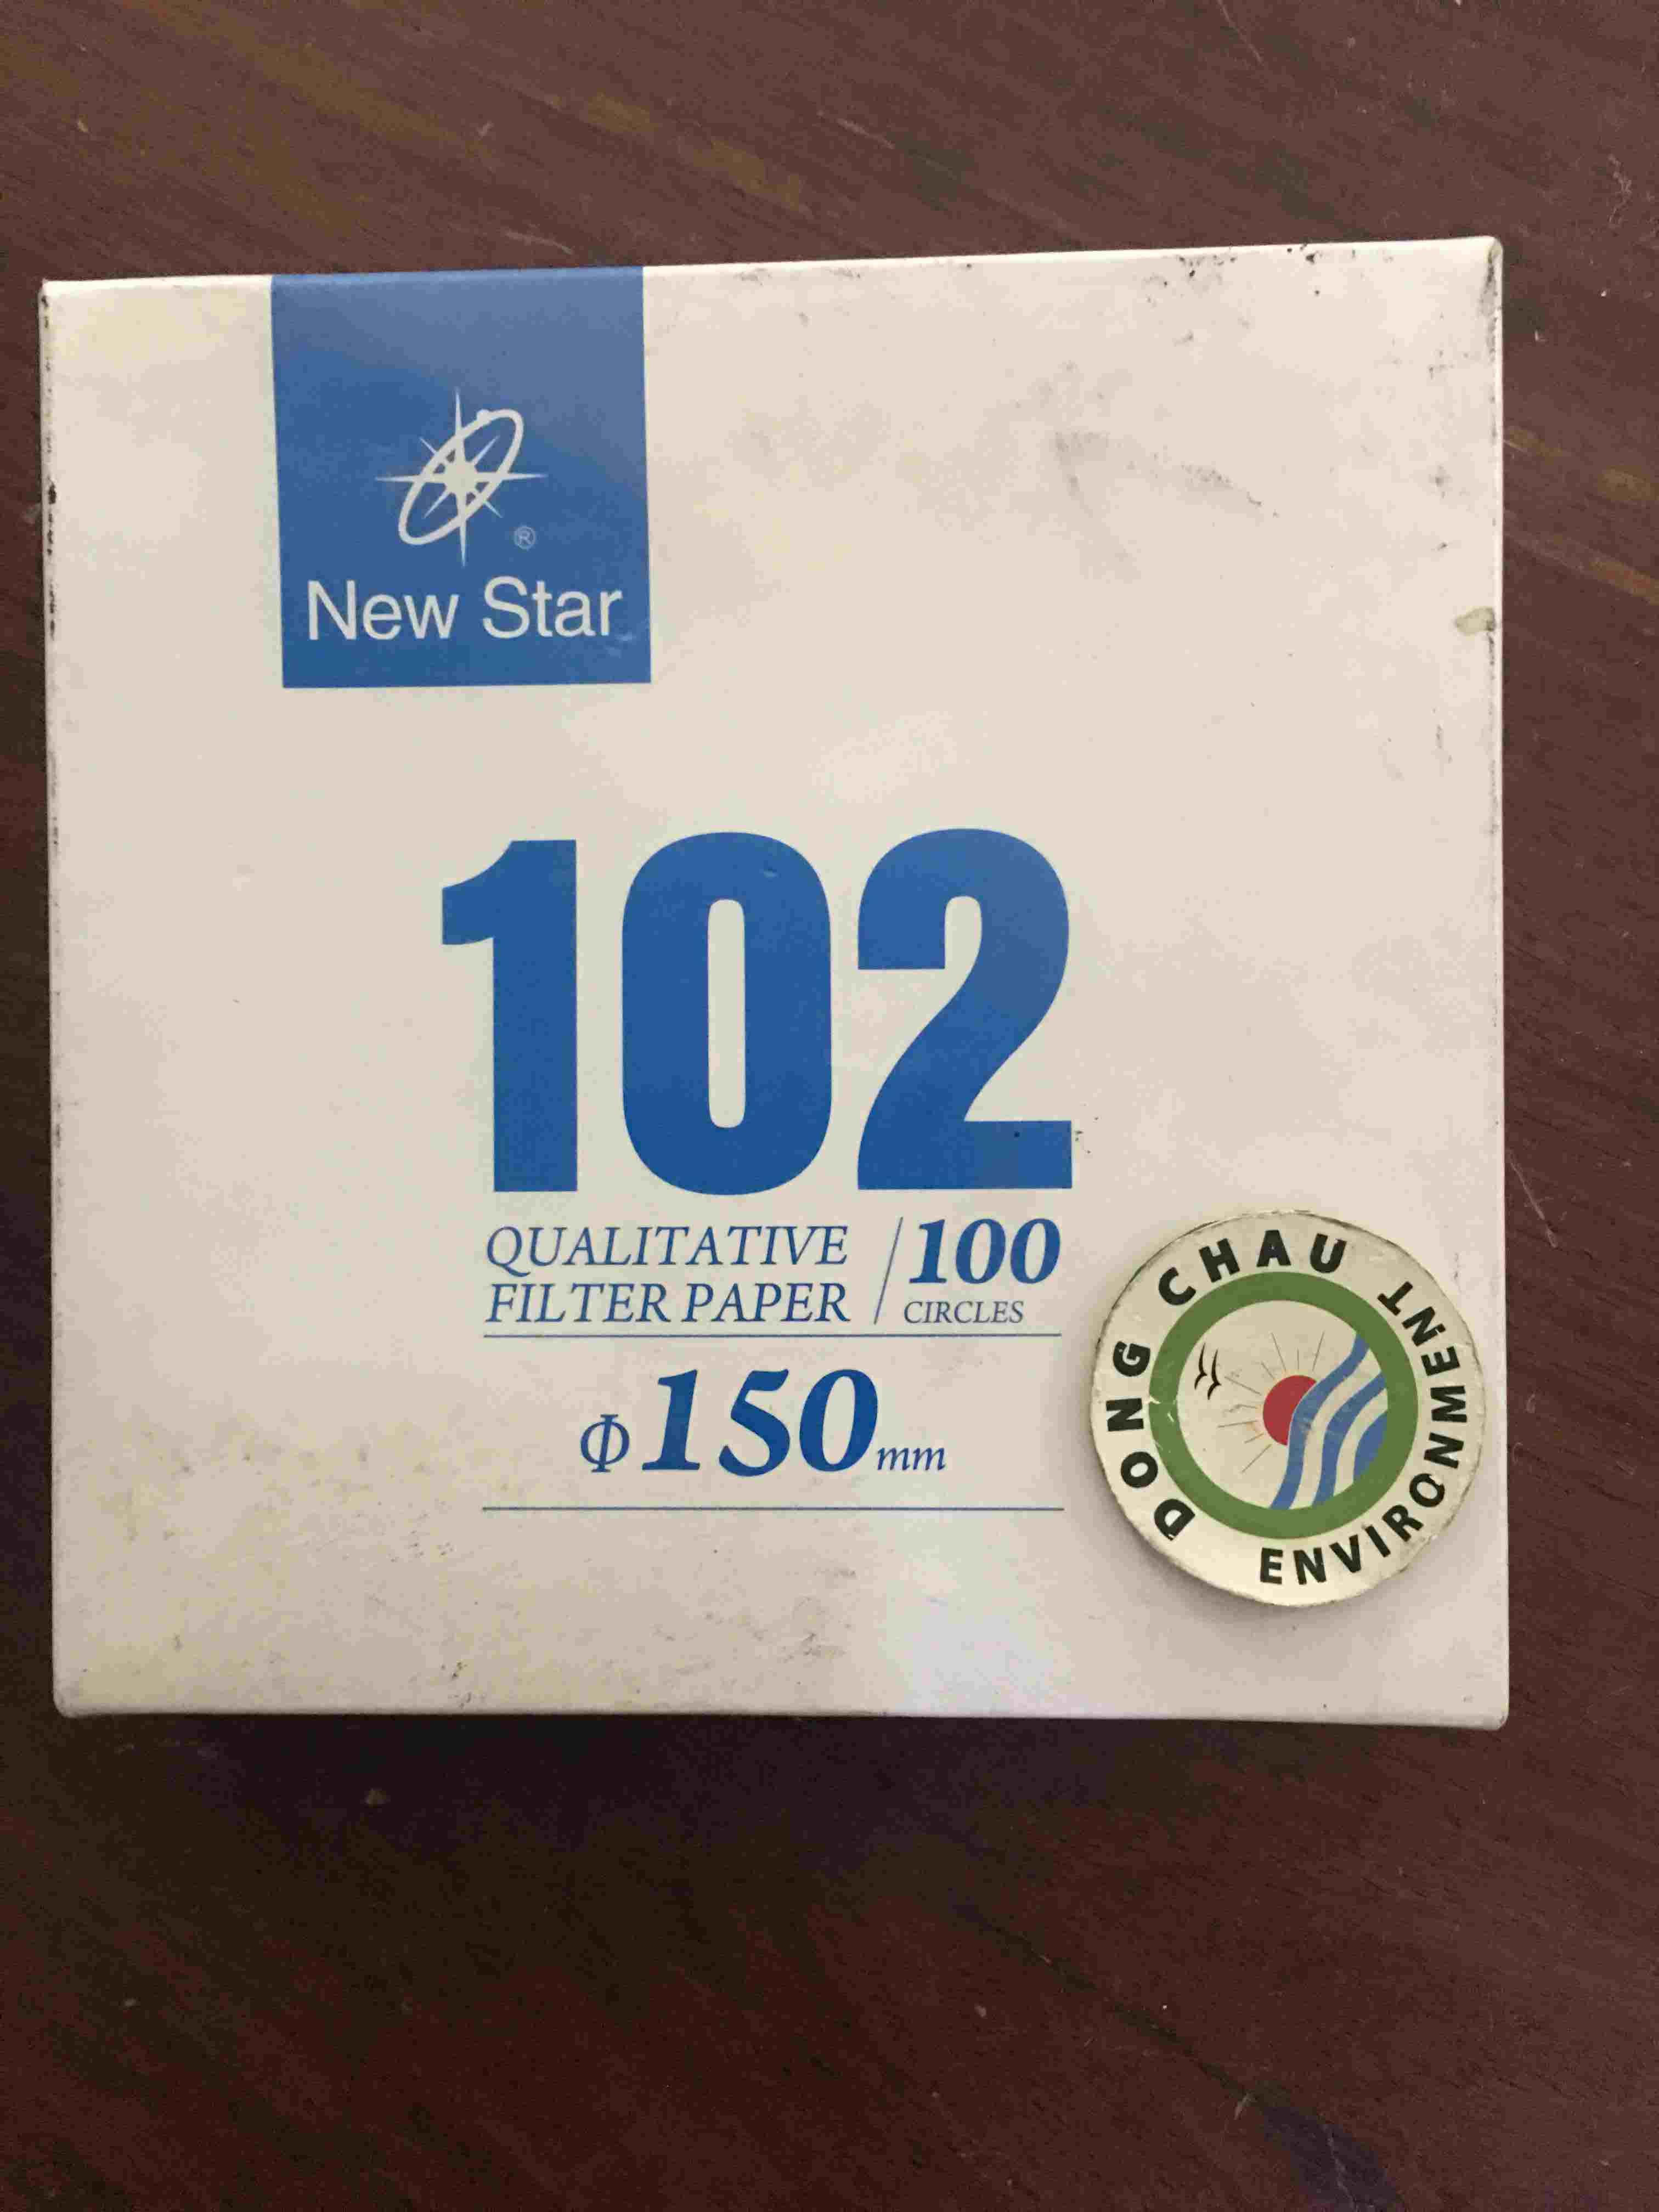 Giấy Lọc Phòng Thí Nghiệm Newstar 102 Đường Kính 150 Mm